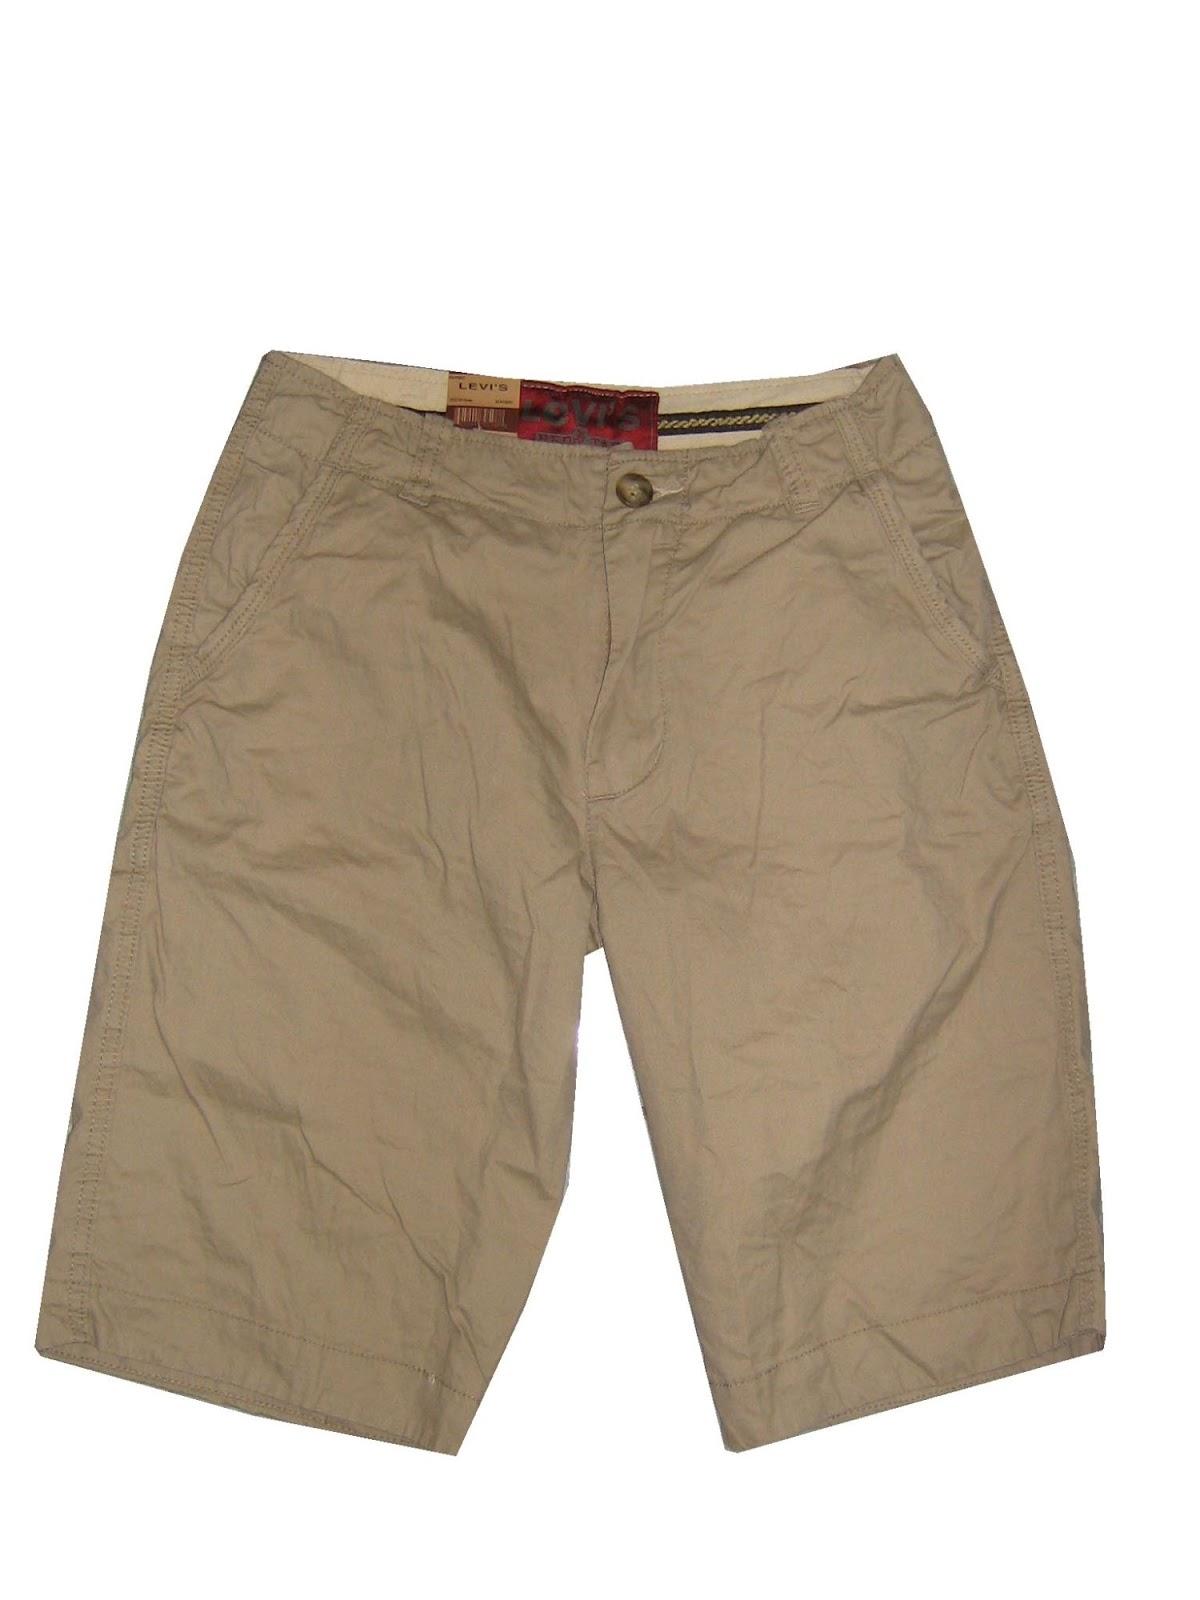 Quần short khaki màu kem phối thế nào vậy?